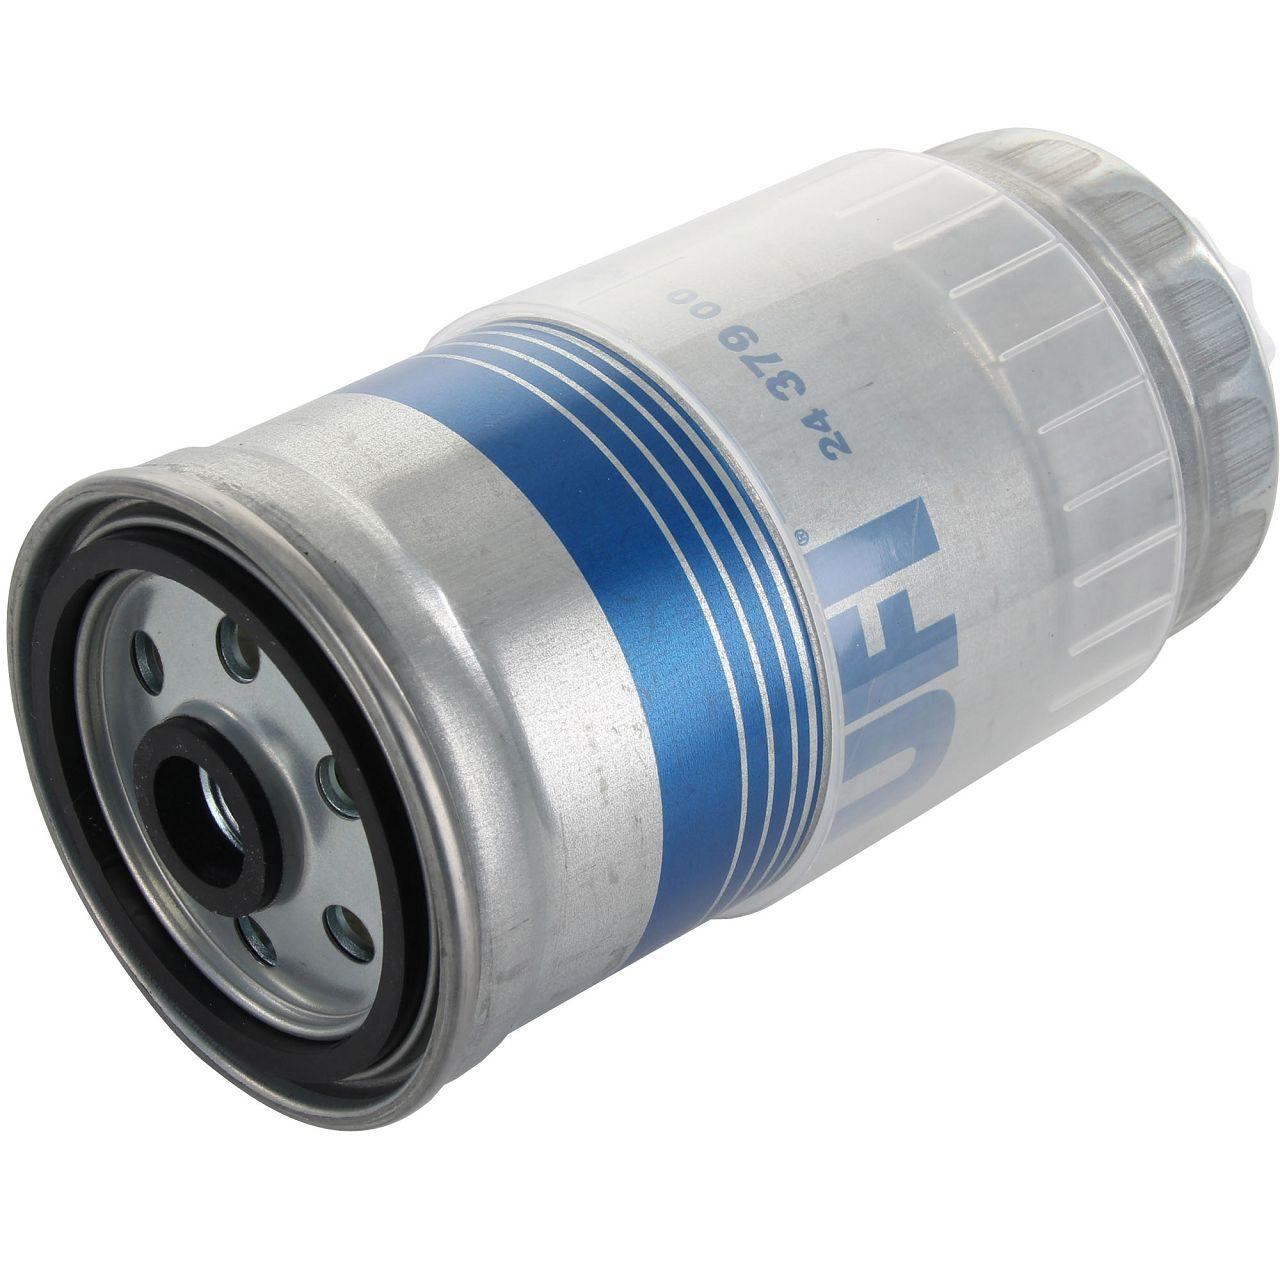 UFI Kraftstofffilter Dieselfilter 24.379.00 für AUDI A4 A6 VW PASSAT 028127435A